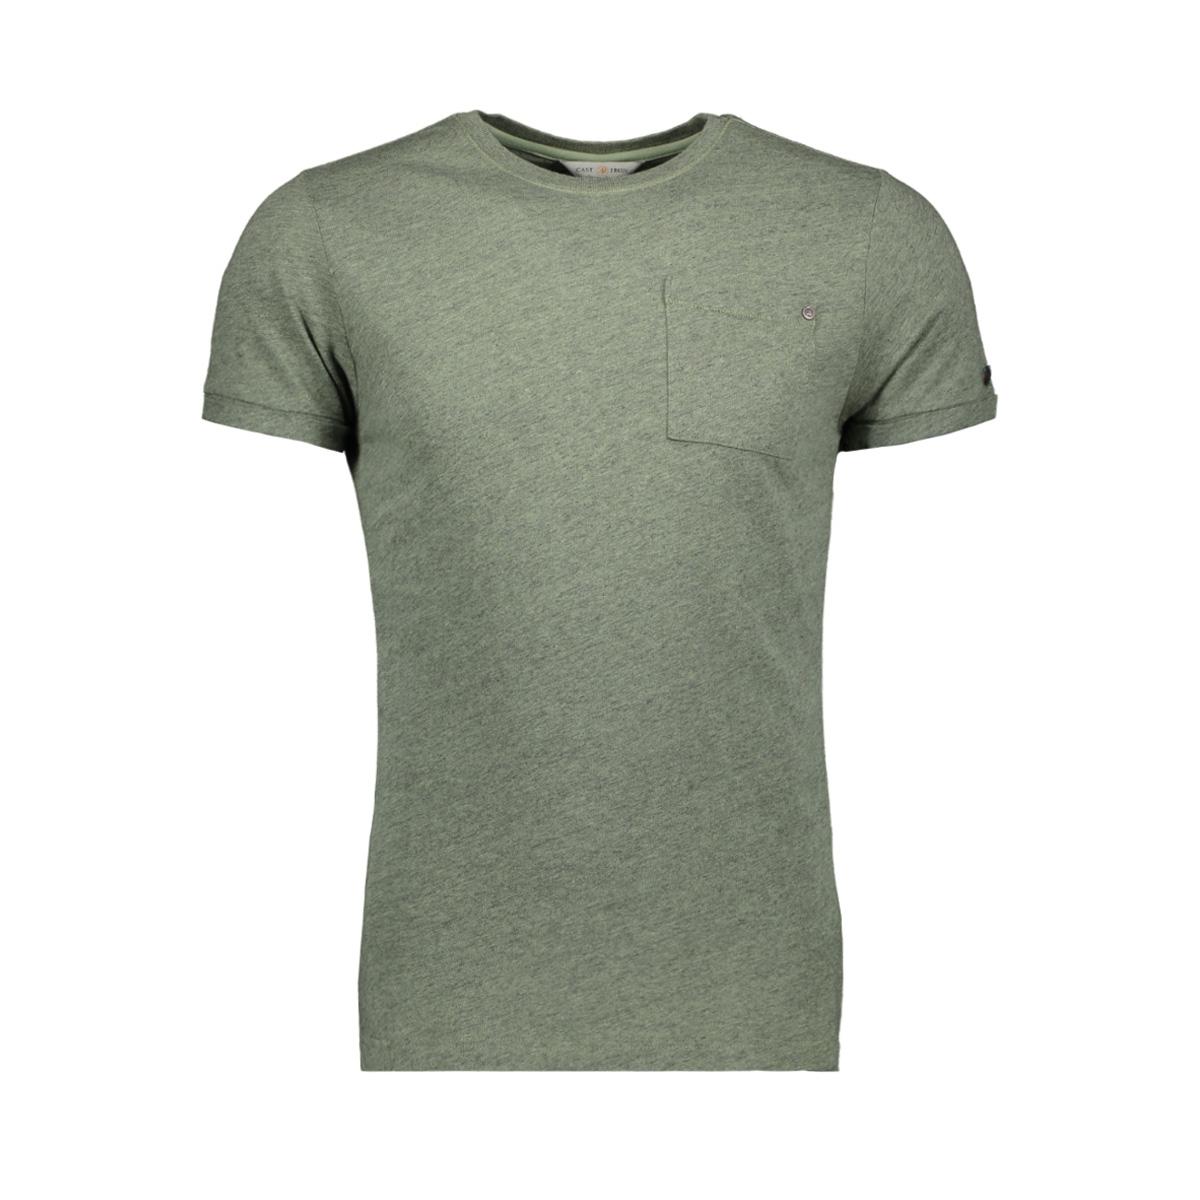 garment dyed melange t shirt ctss193301 cast iron t-shirt 6186